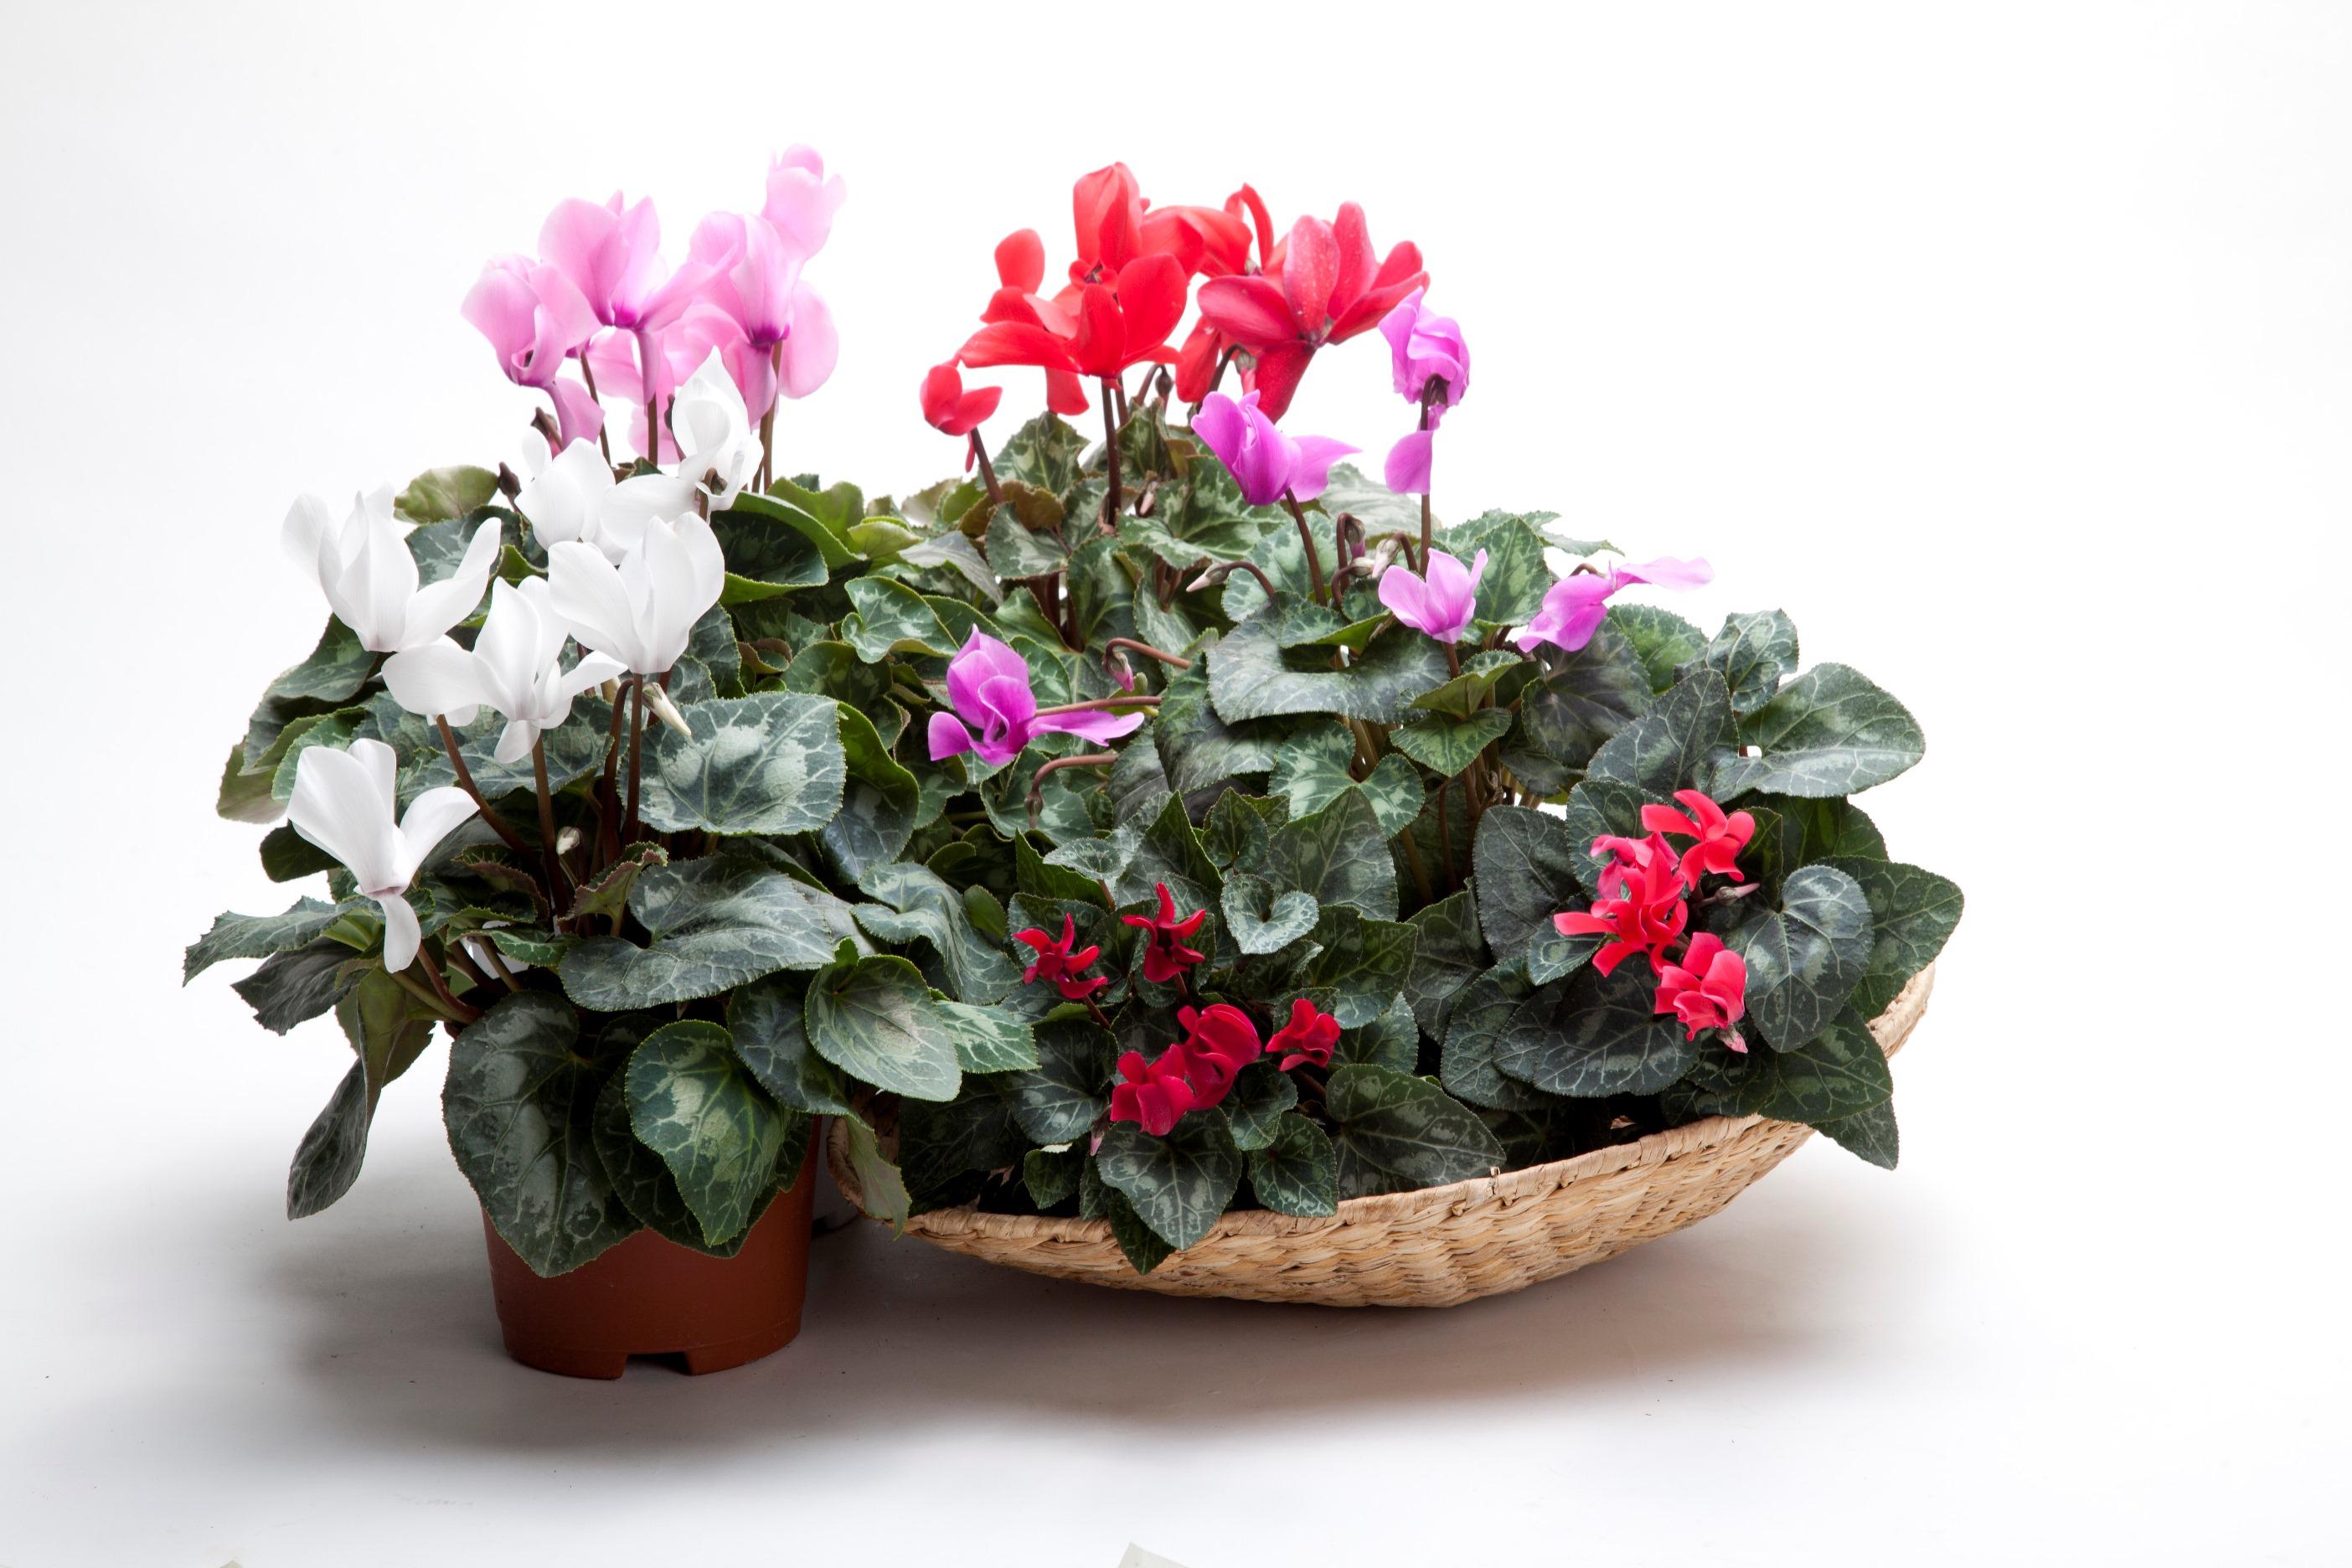 Ухаживание за цветами комнатными